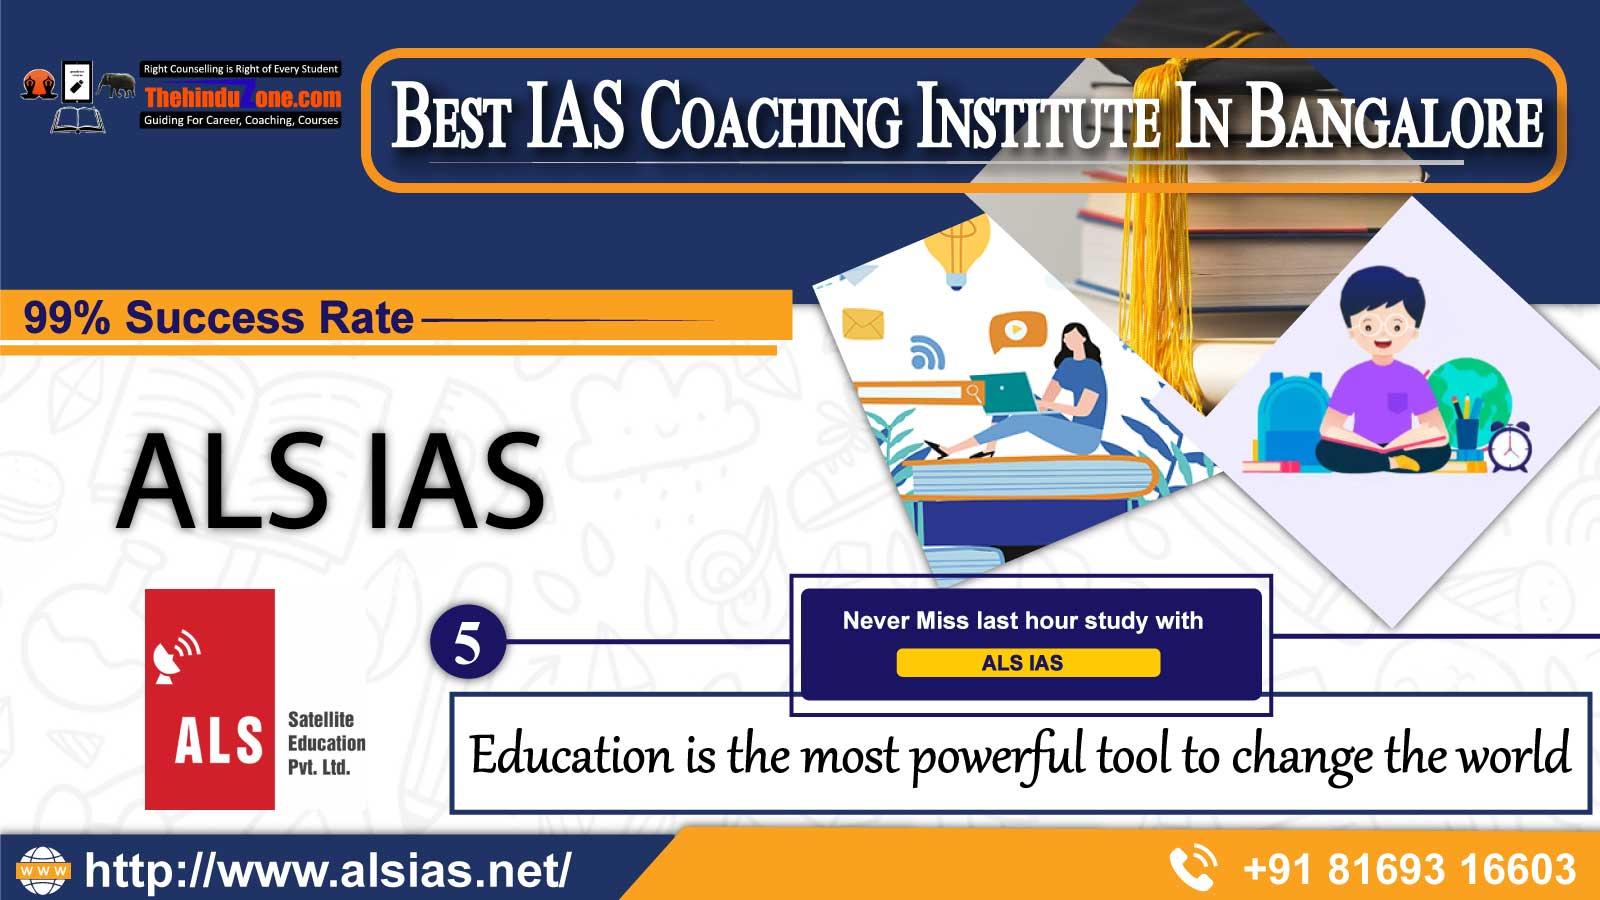 ALS IAS – Best IAS Coaching In Bangalore